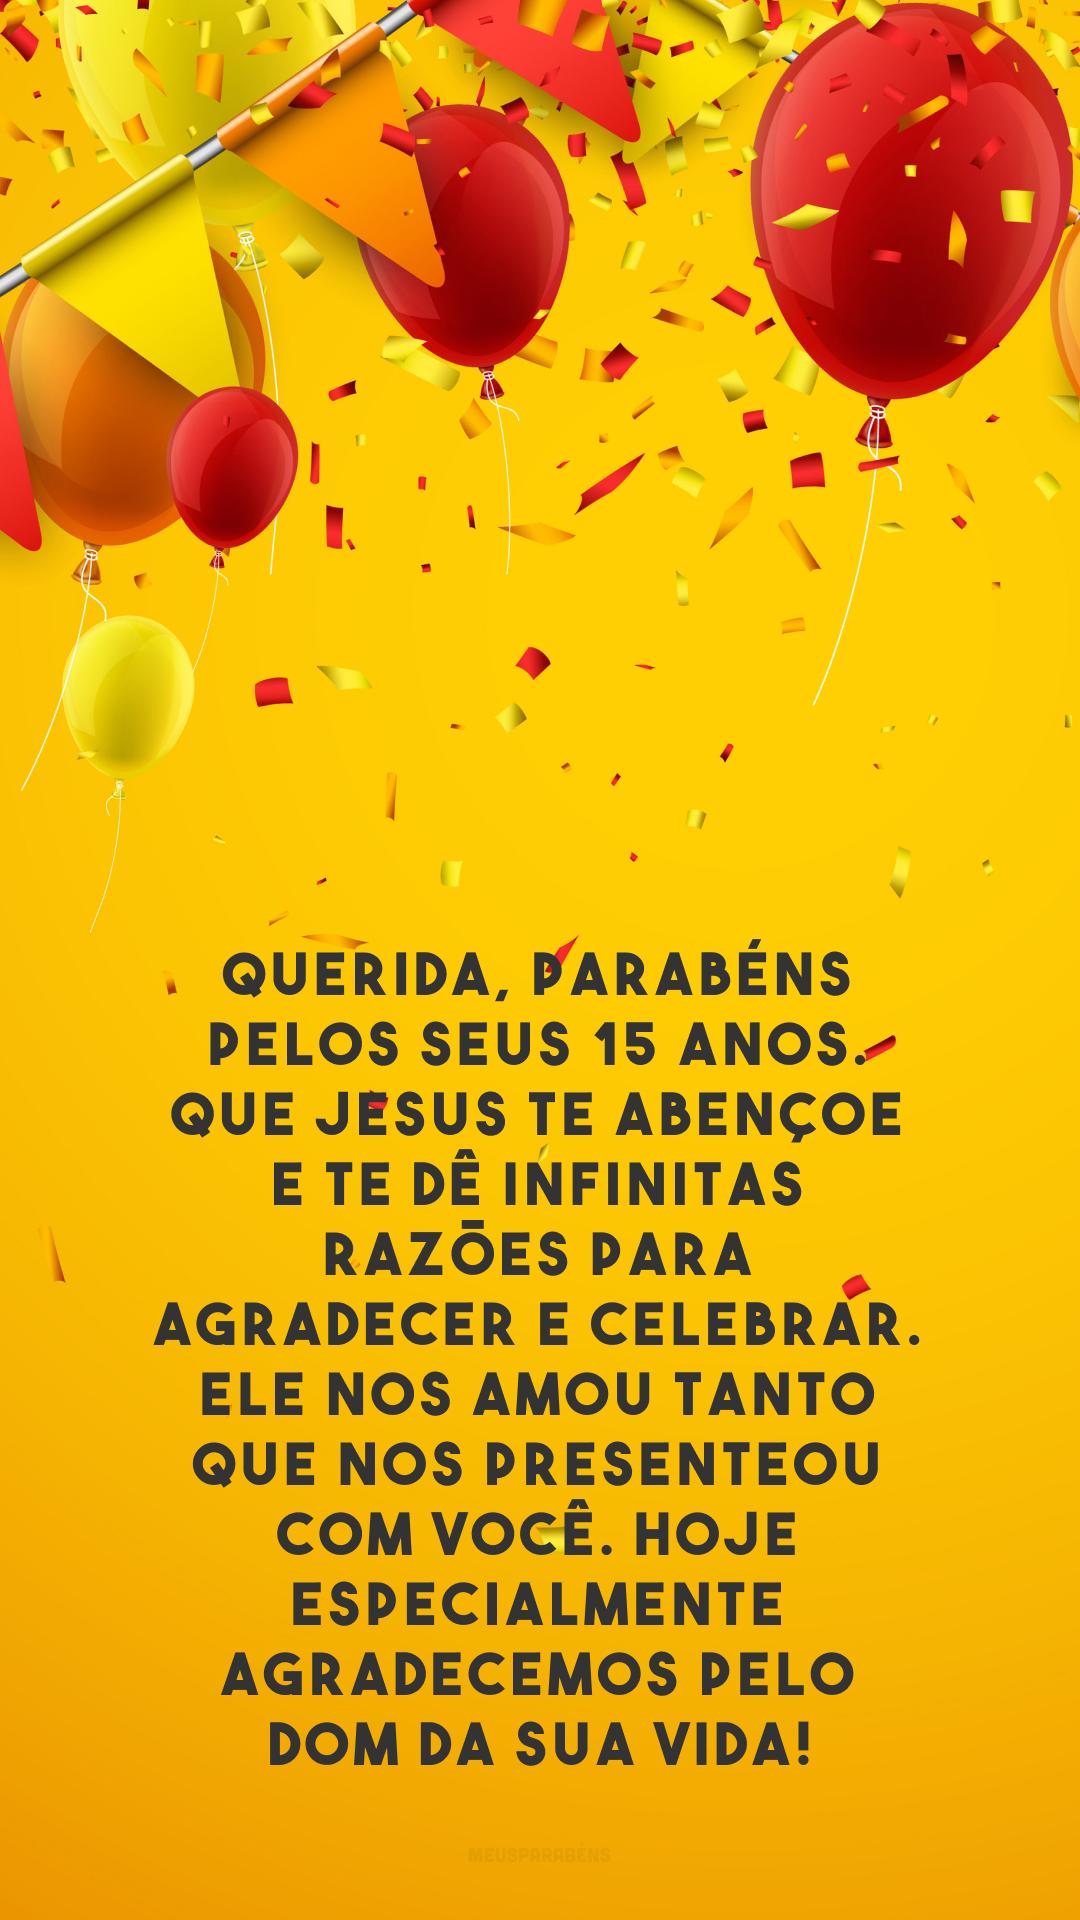 Querida, parabéns pelos seus 15 anos. Que Jesus te abençoe e te dê infinitas razões para agradecer e celebrar. Ele nos amou tanto que nos presenteou com você. Hoje especialmente agradecemos pelo dom da sua vida!